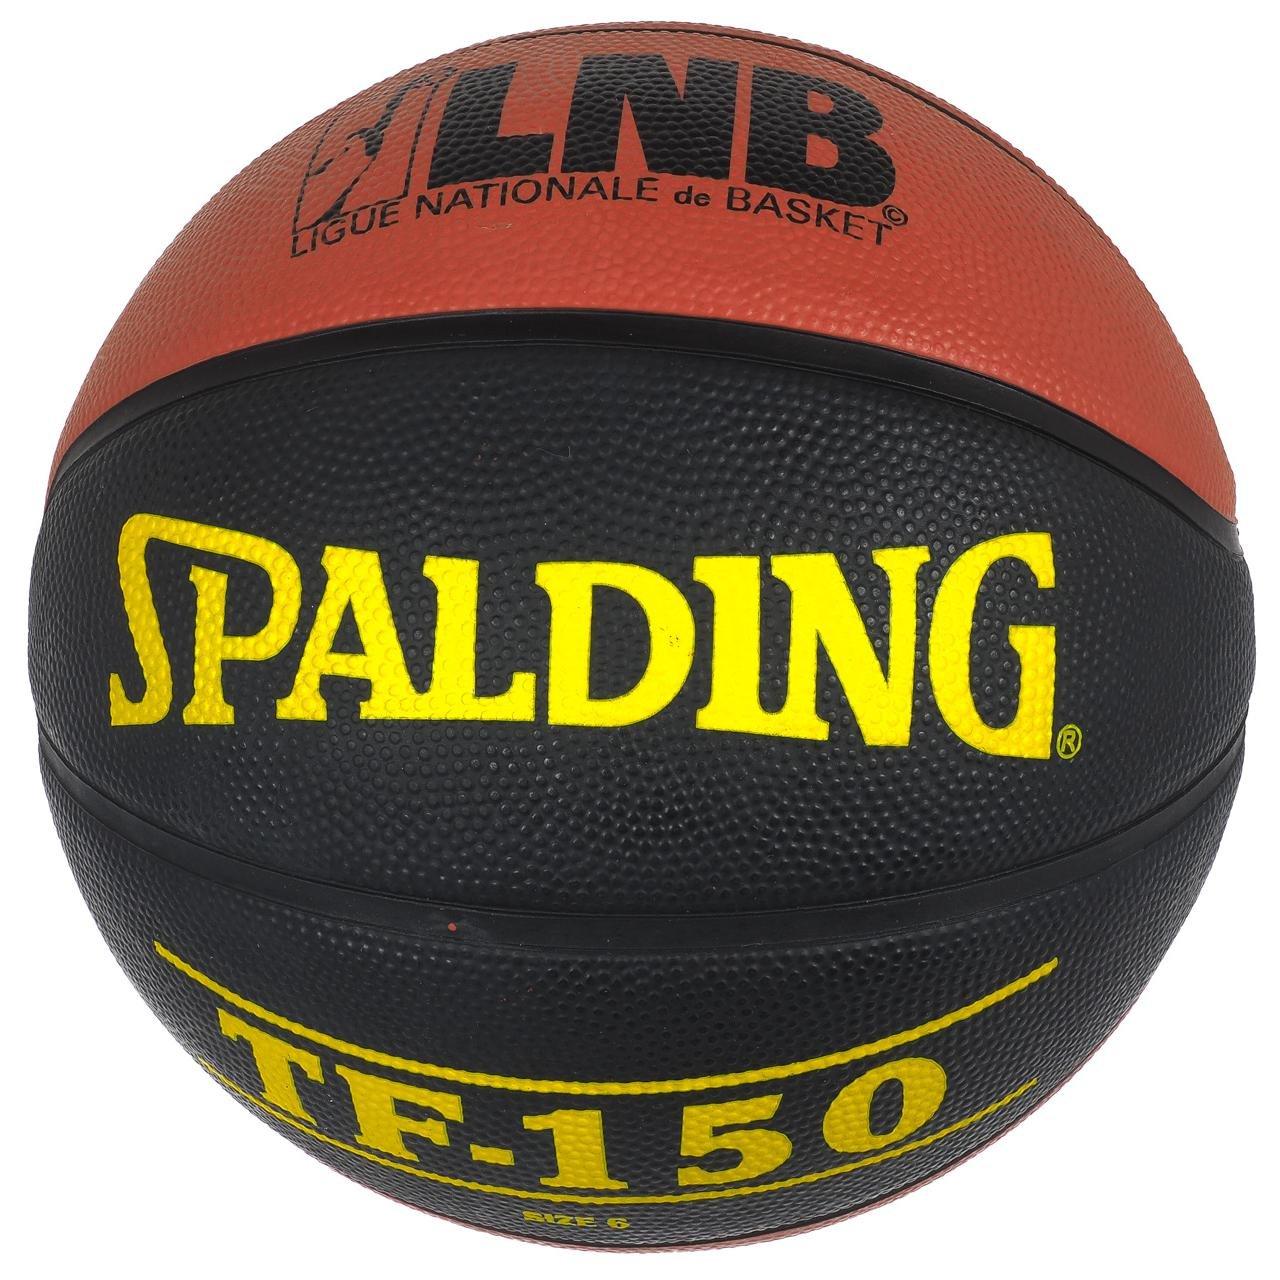 Spalding - TF150 T6 balón Basket - Balón de baloncesto de - marrón ...